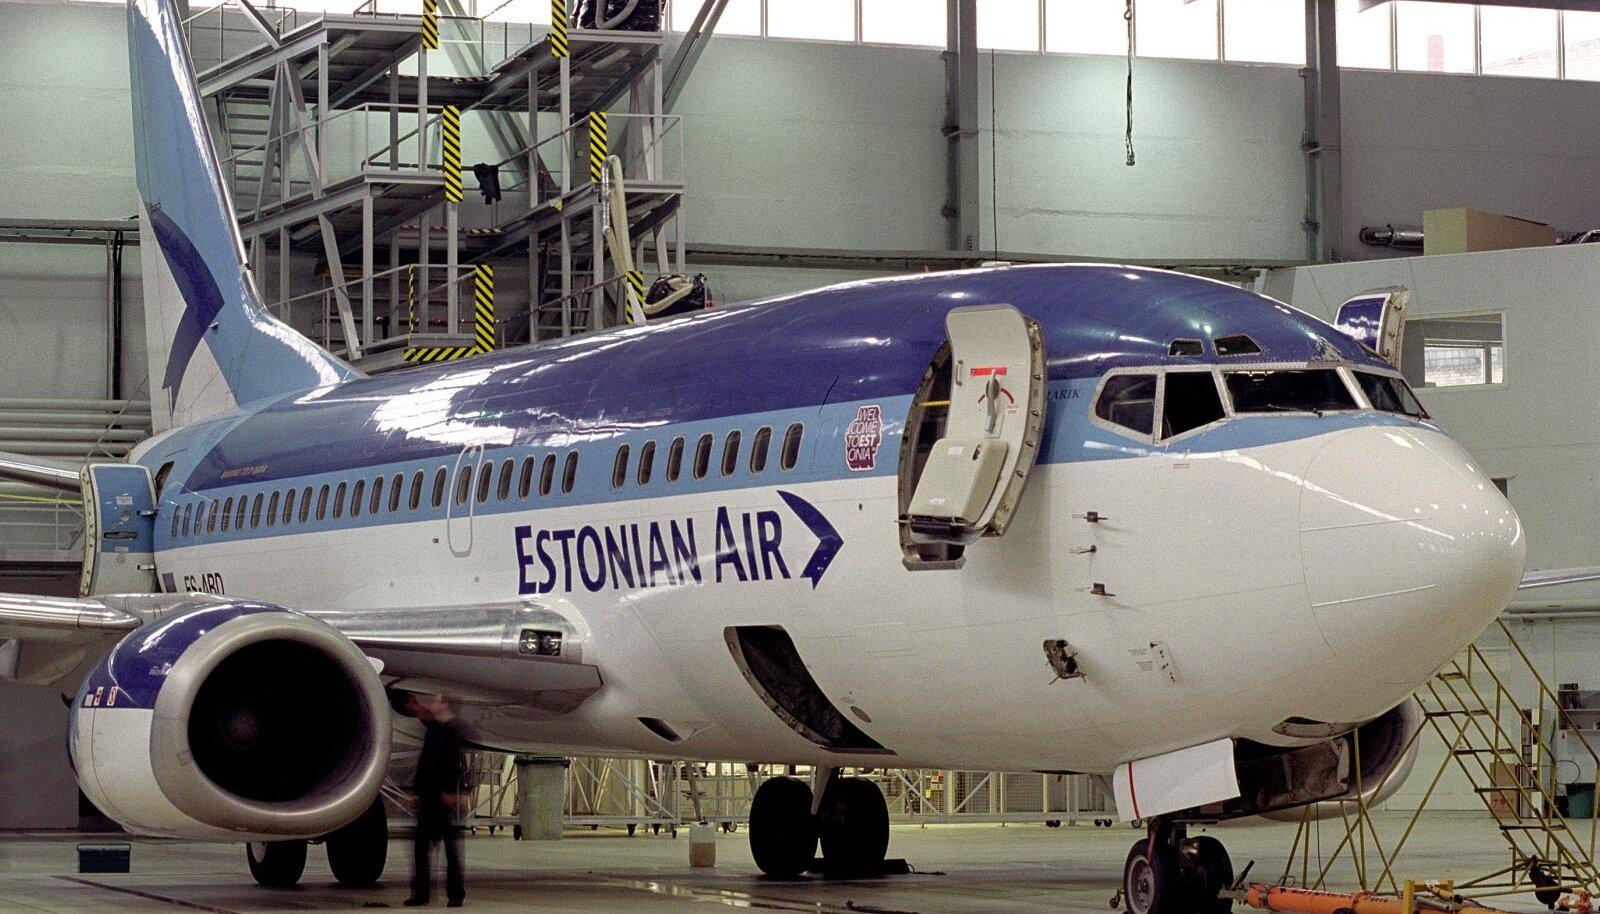 Estonian Air.